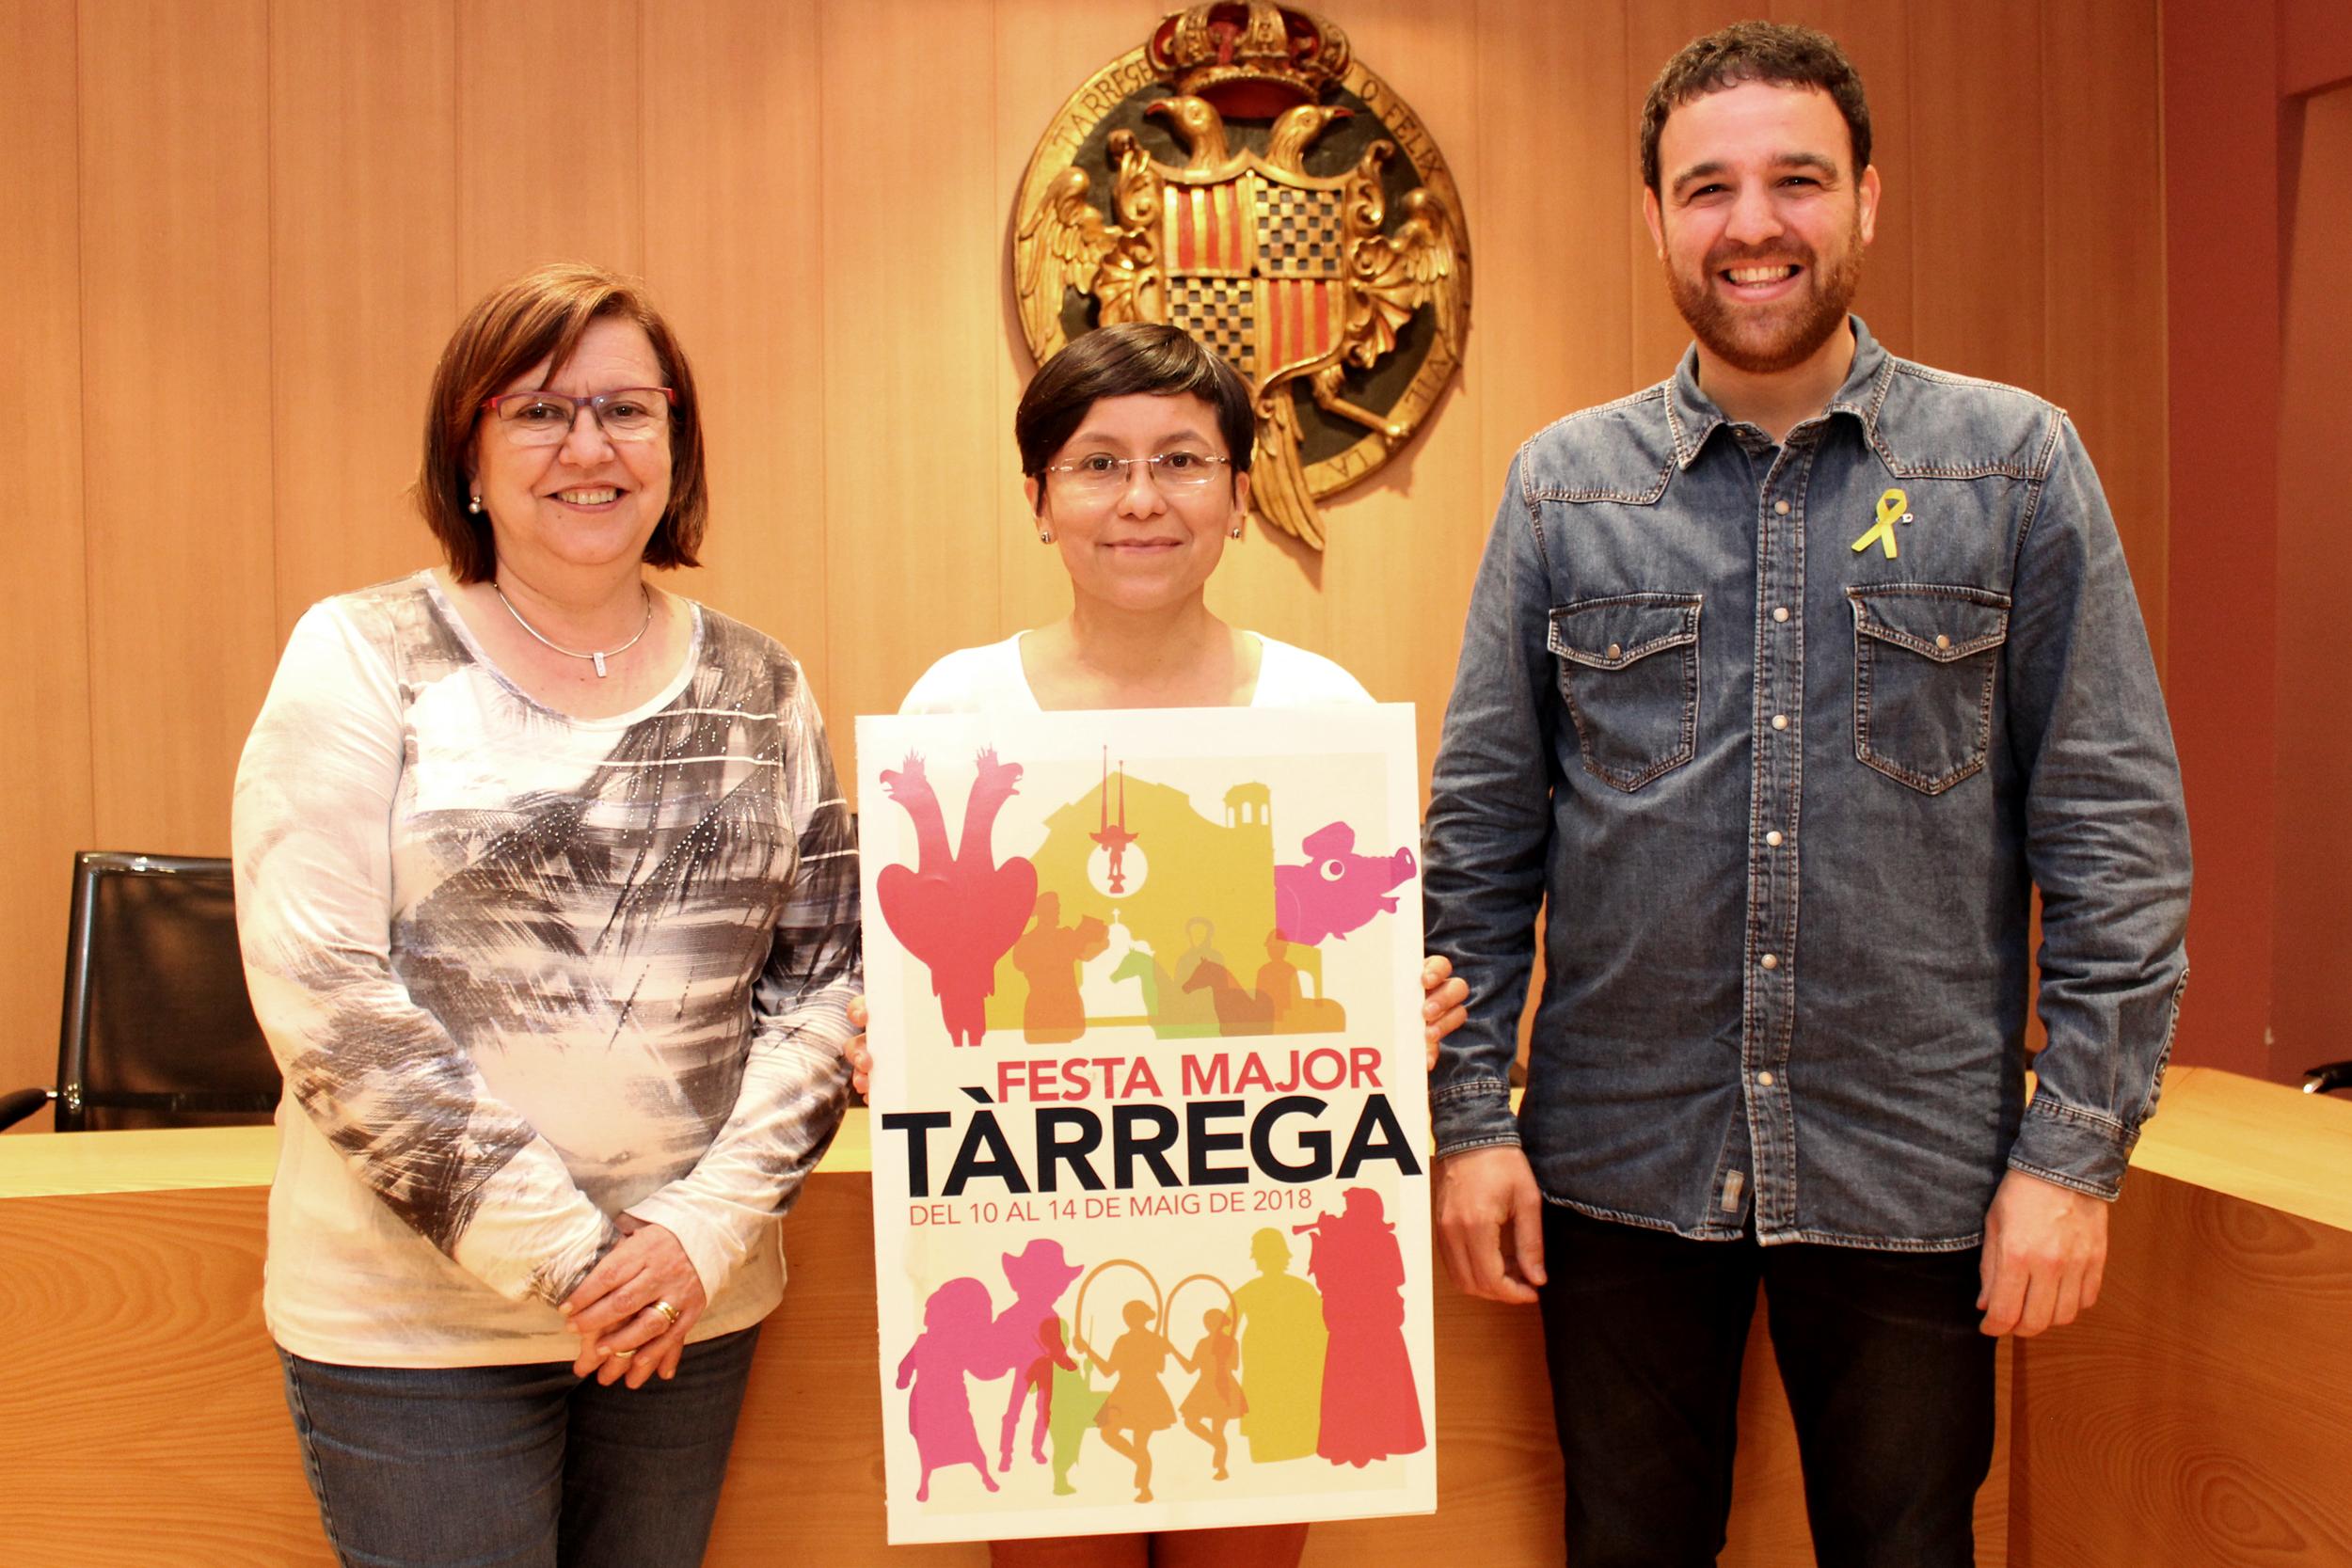 El concurs del cartell de la Festa Major 2018 de Tàrrega ja té disseny guanyador, obra de Míriam Paredes Sánchez